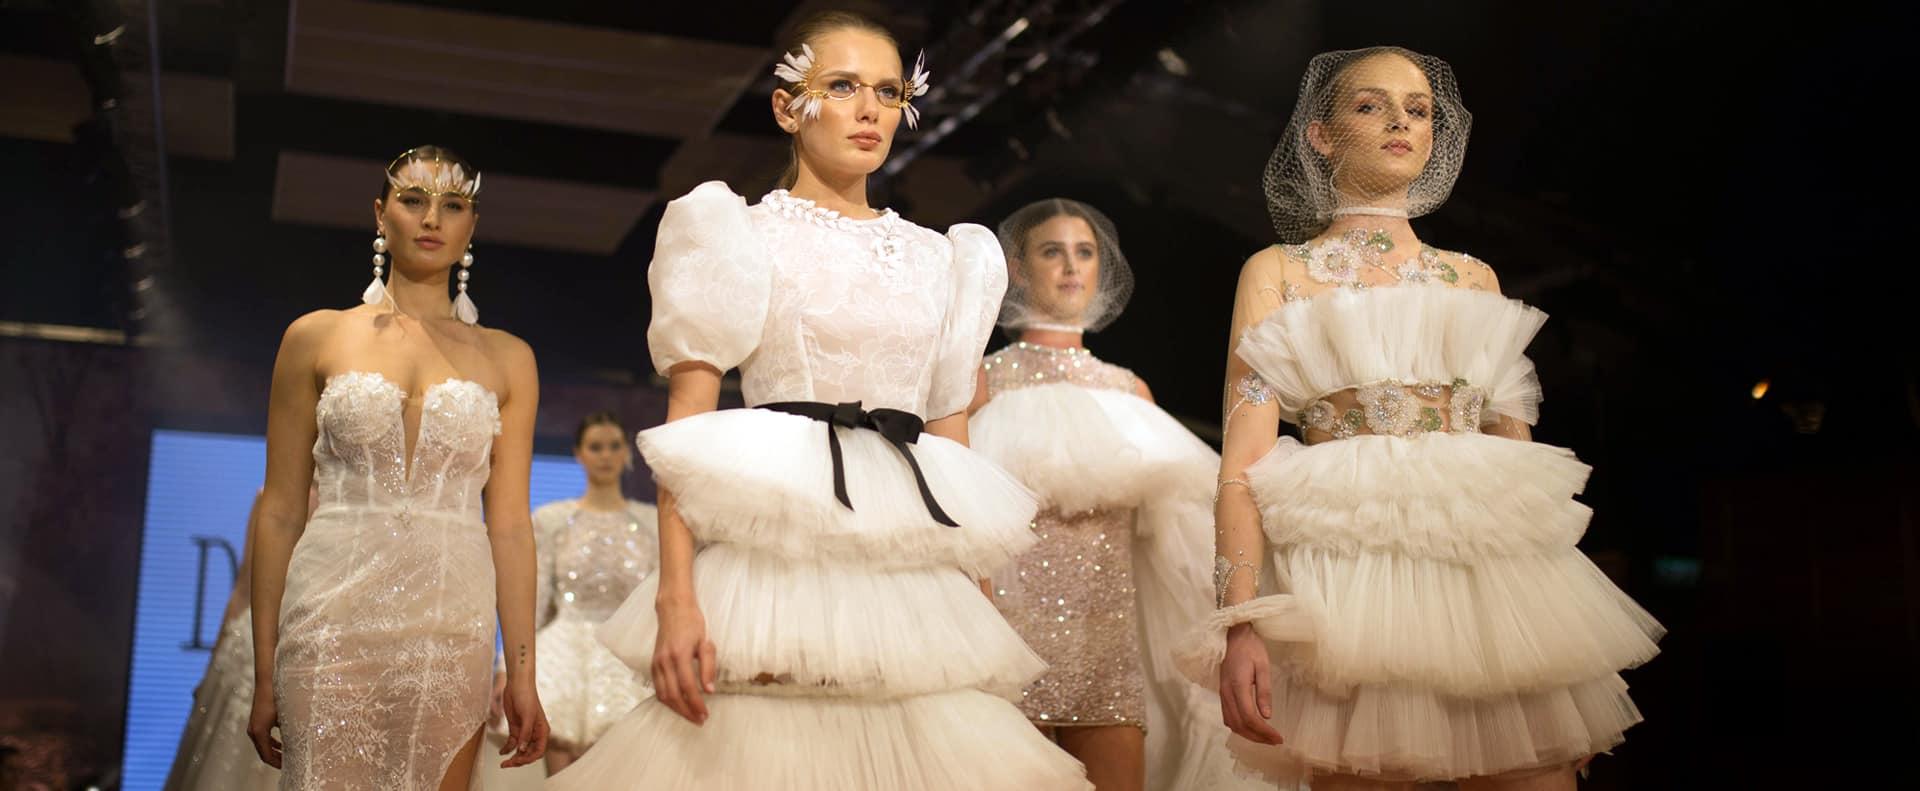 דילן פריאנטי_מגזין אופנה_21